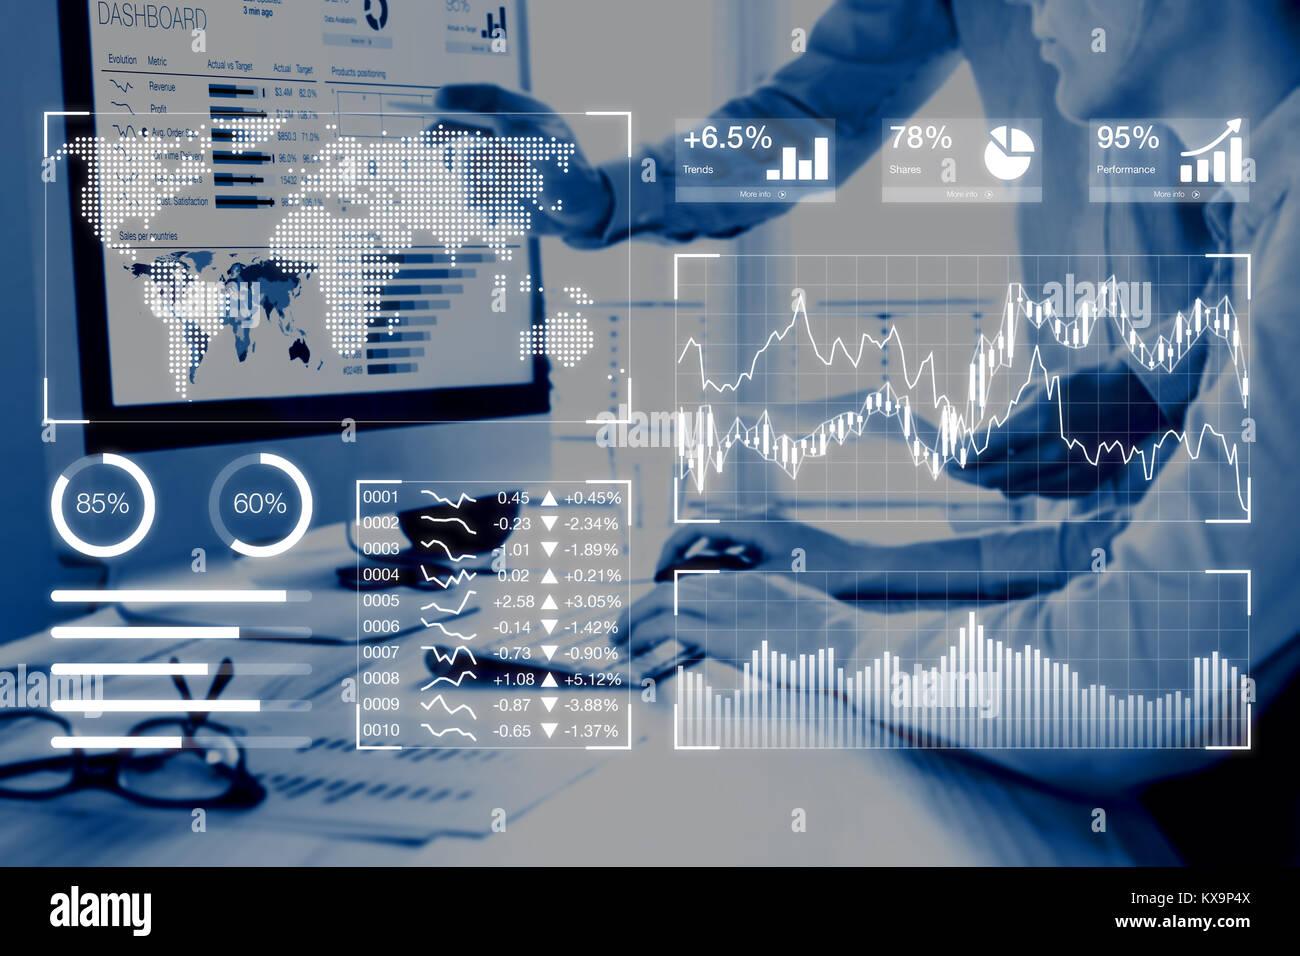 Business Analytics dashboard reporting concetto con gli indicatori di prestazioni chiave (KPI) e due persone analizzando Immagini Stock